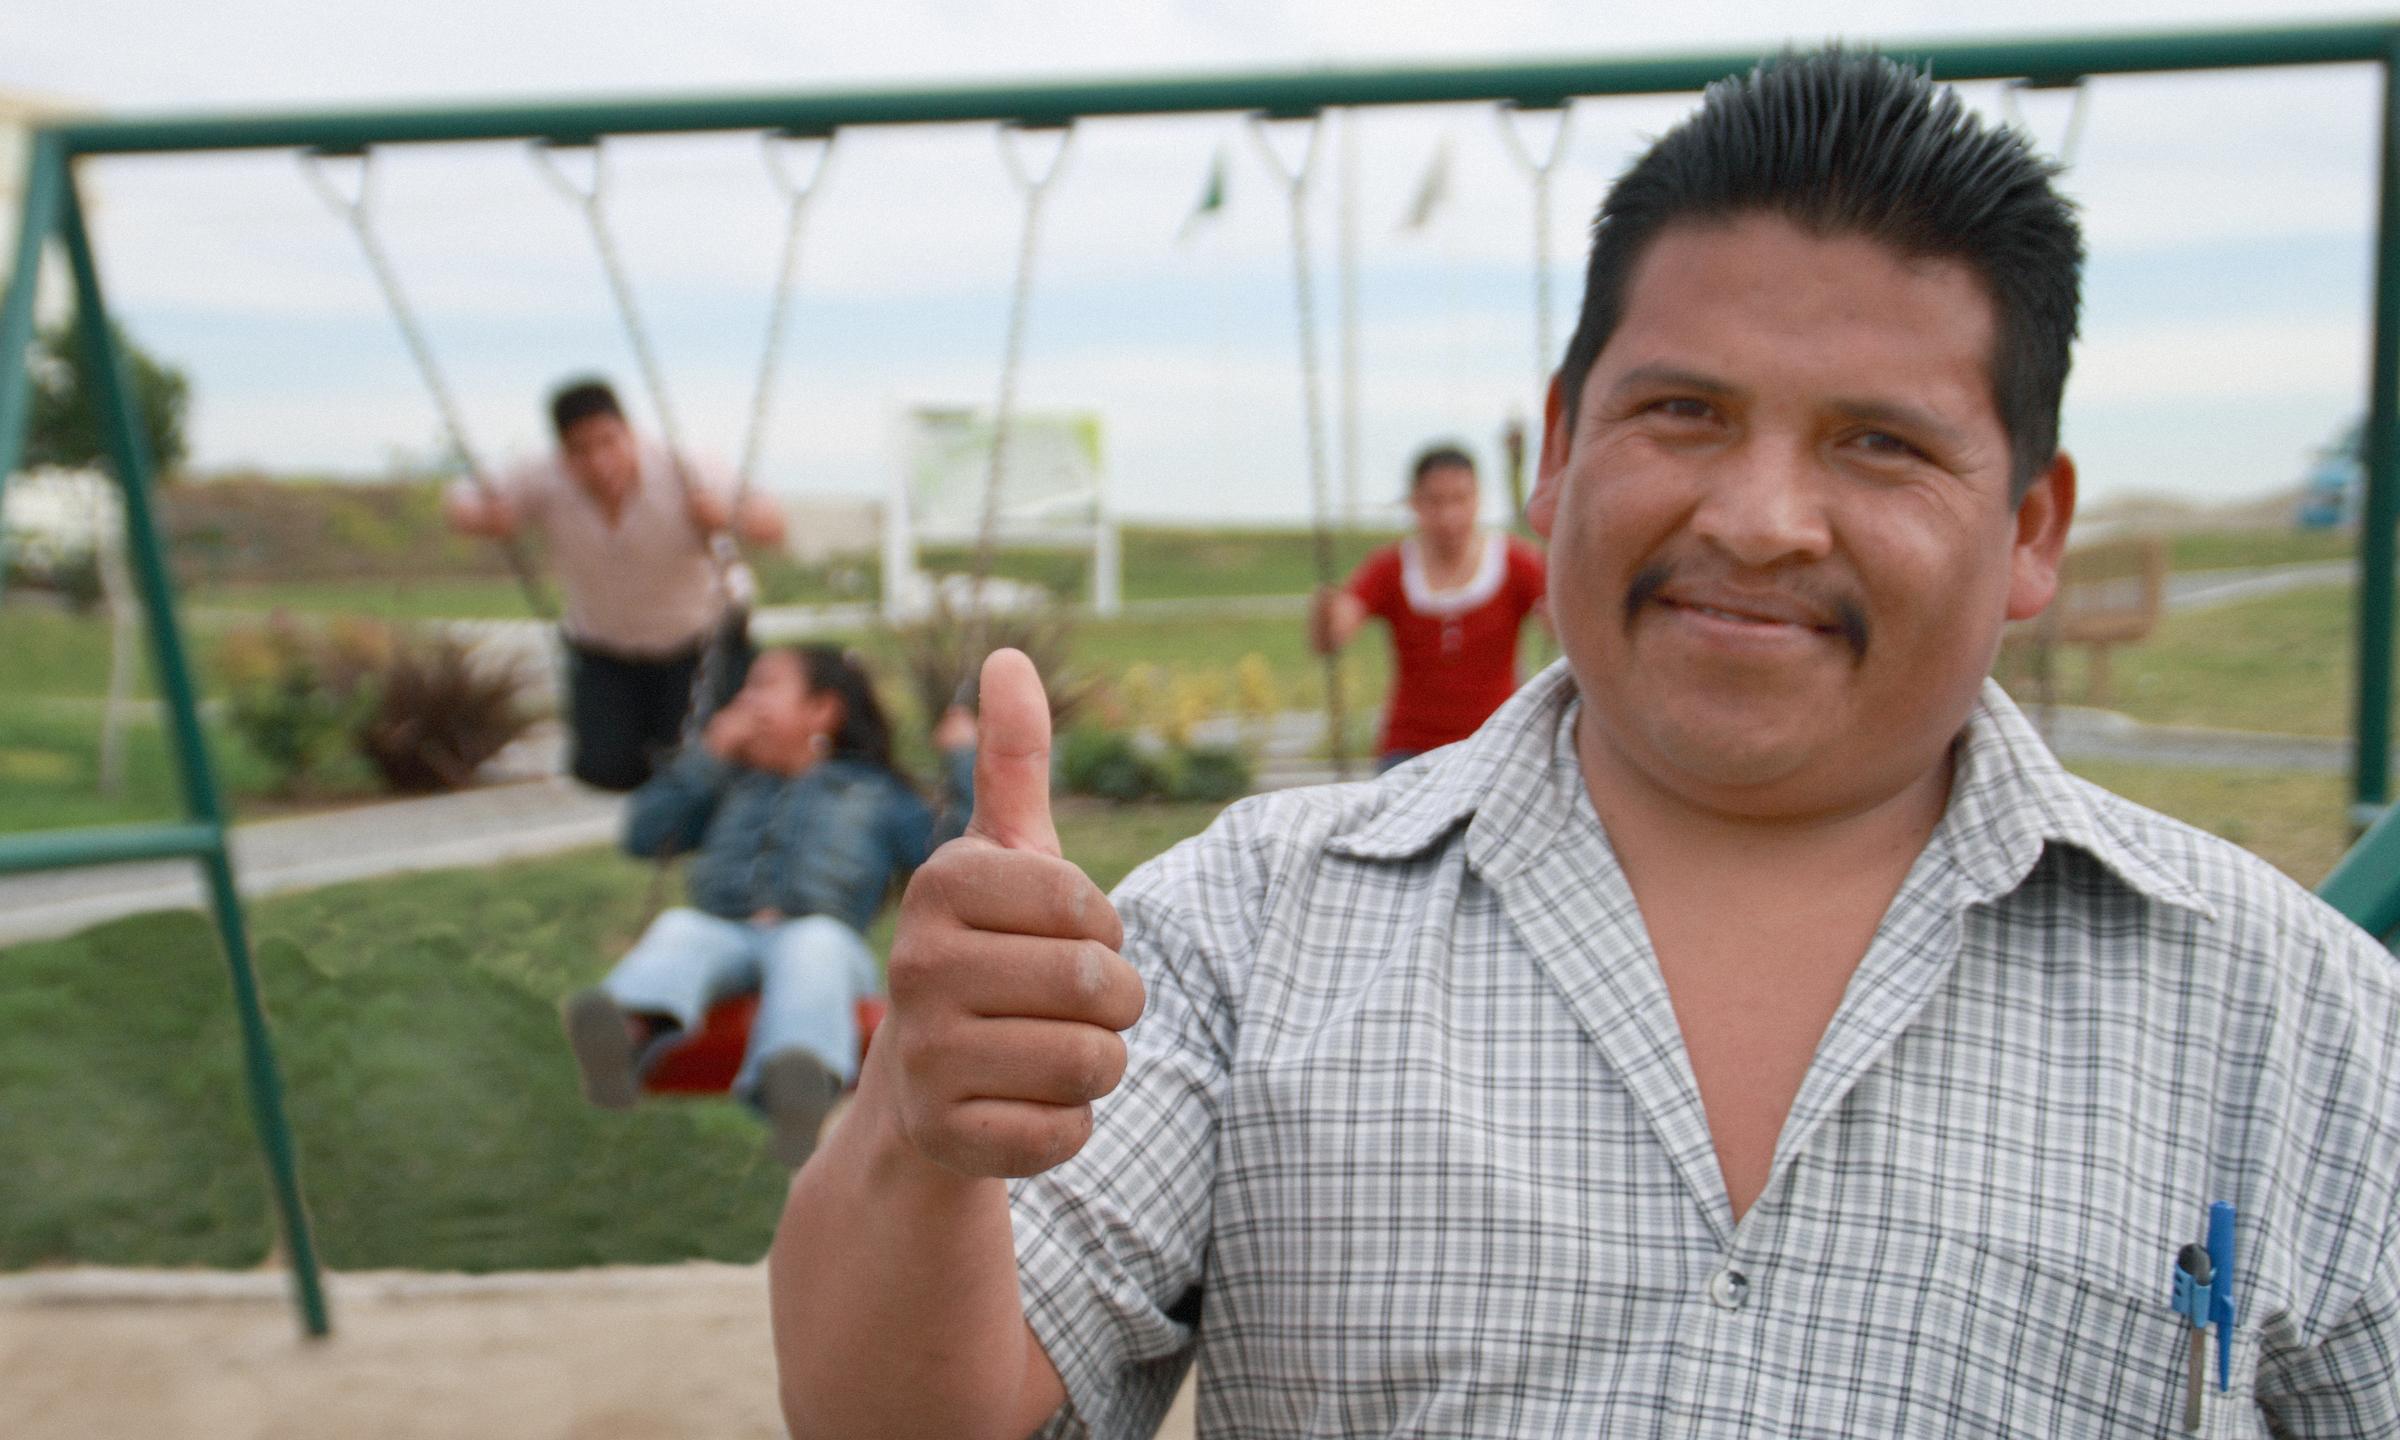 Genaro L. conviviendo con sus hijos en el parque de UrbiVilla del Campo.